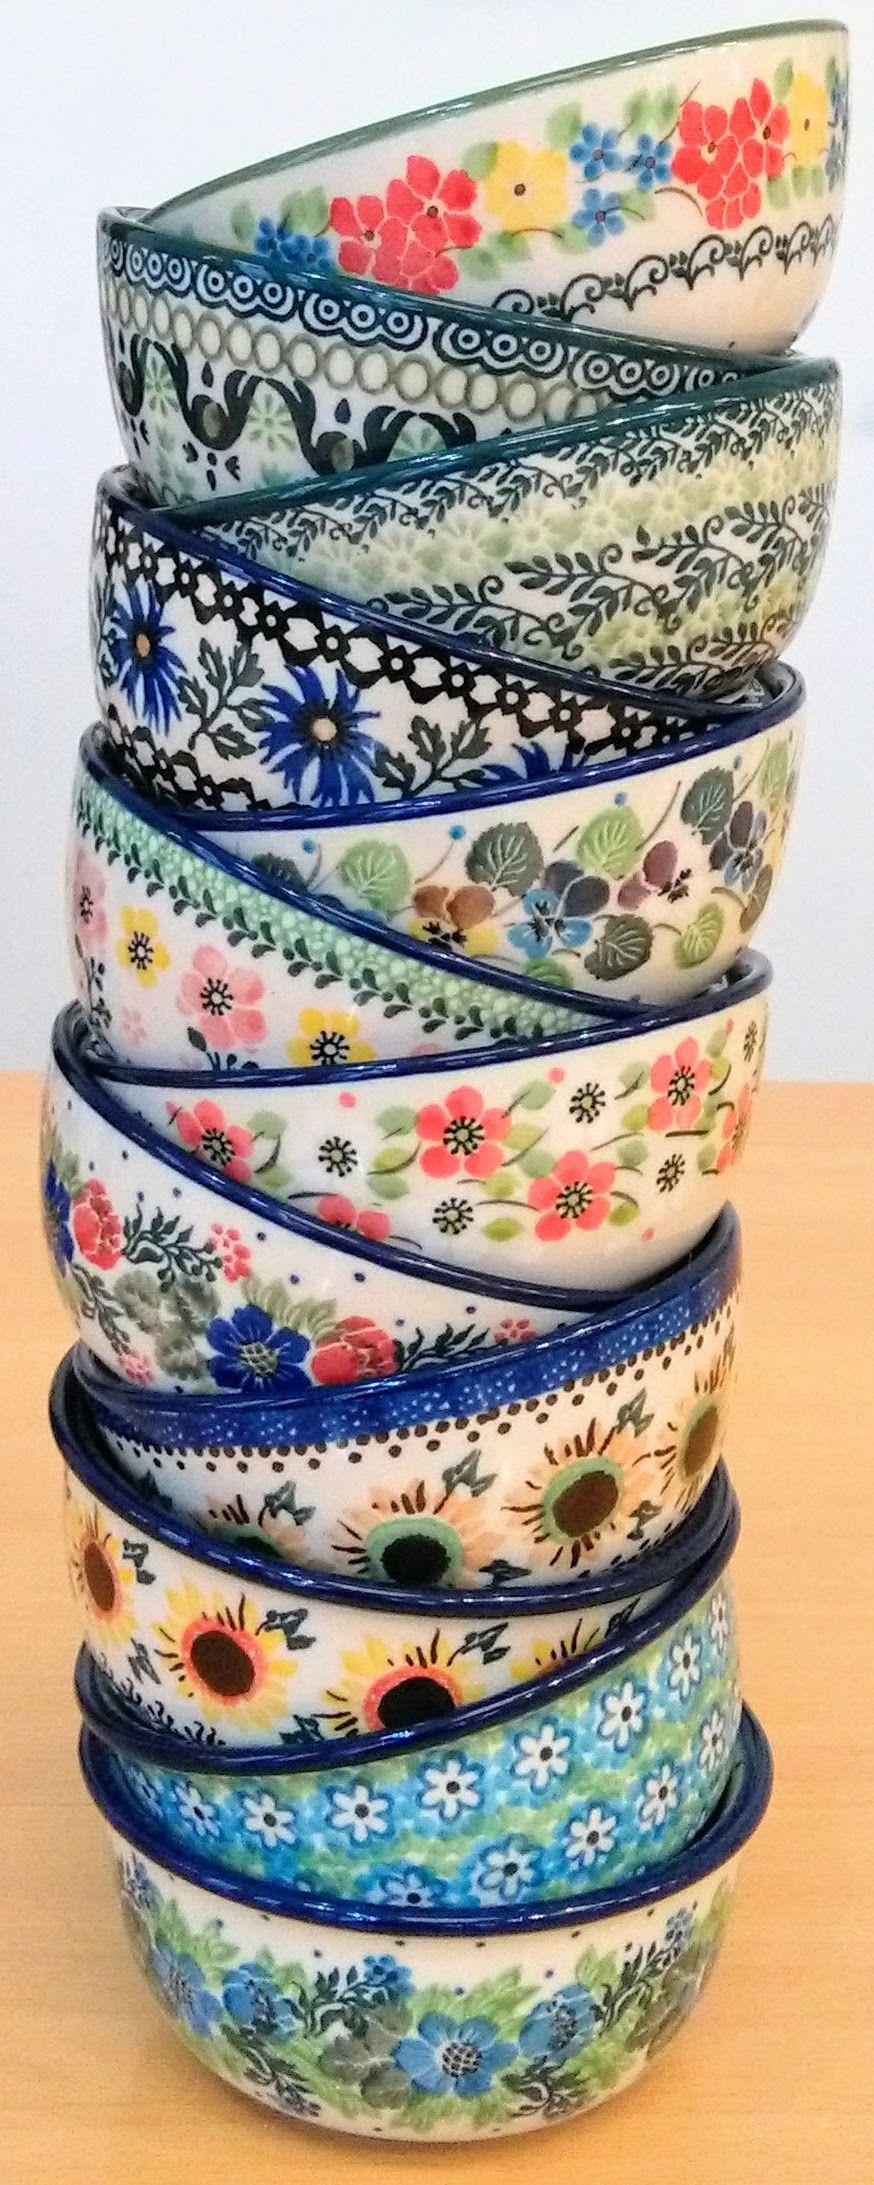 Eleven Beautiful Bowls Made By Ceramika Artystyczna Boleslawiec